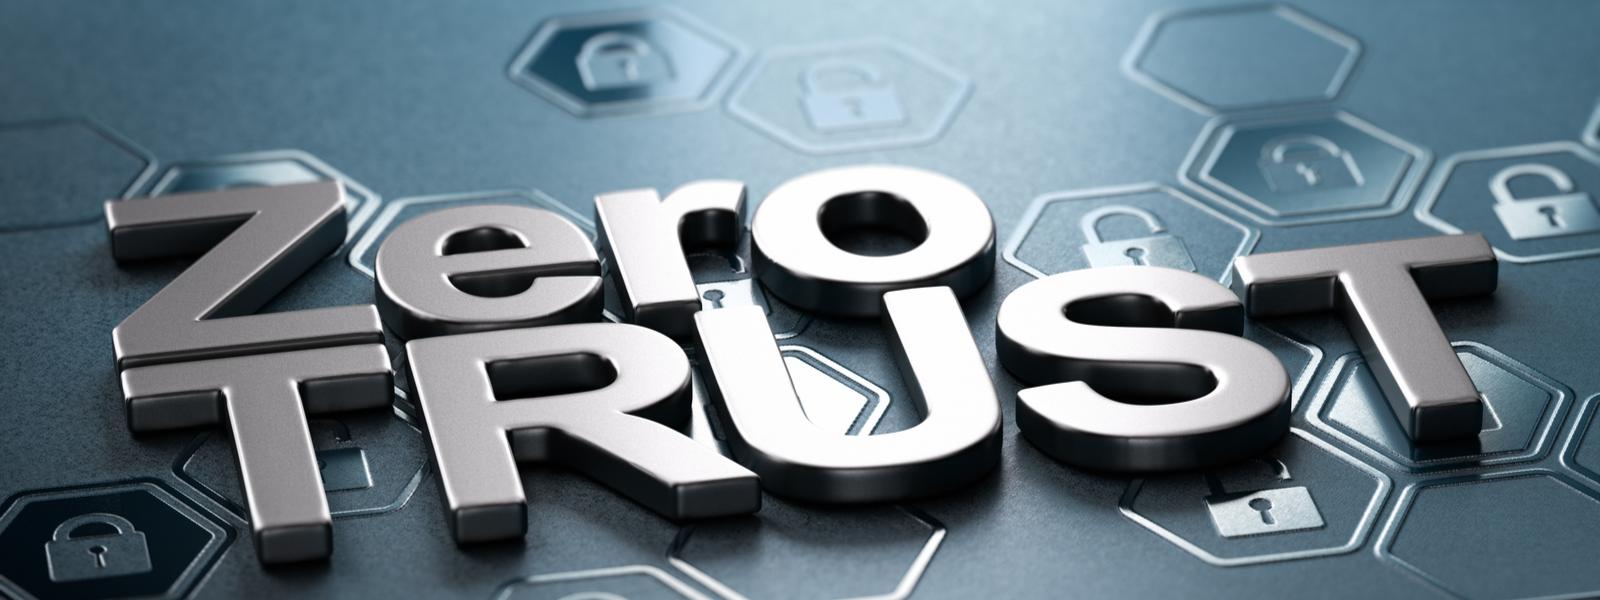 Webinar Series #33: Hello Trust, Goodbye Passwords